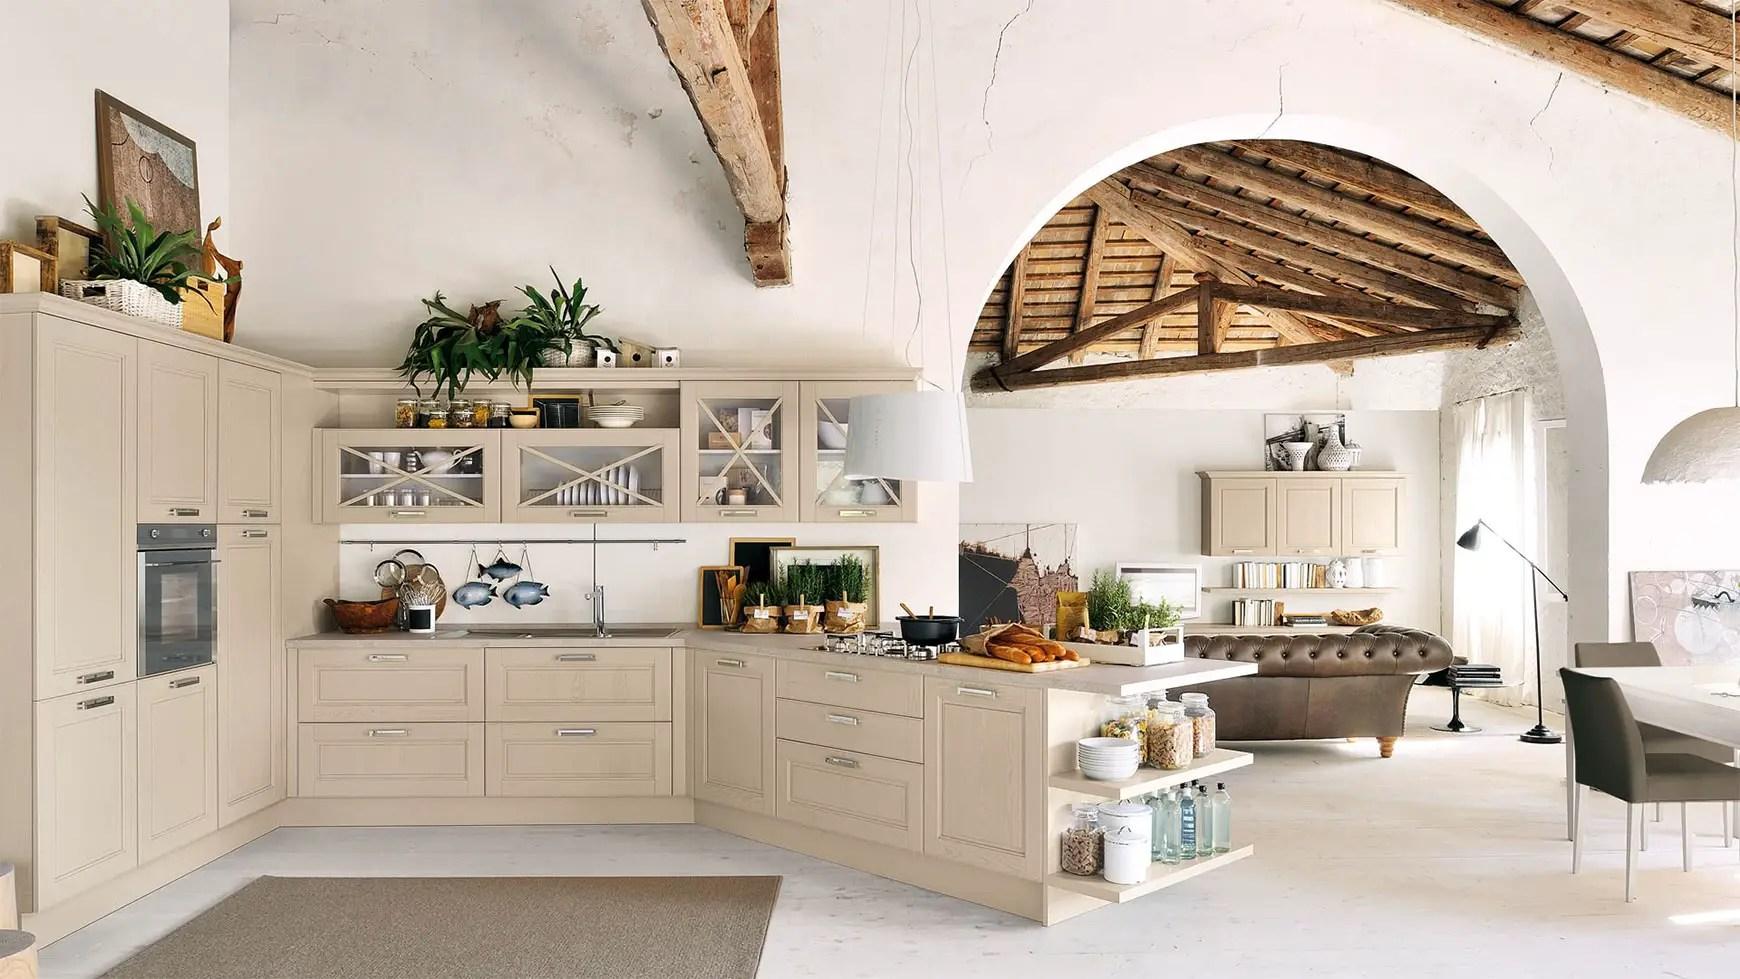 Ami gli ambienti eleganti e riposanti? Shabby Chic Come Arredare La Casa In Questo Stile Wondernet Magazine